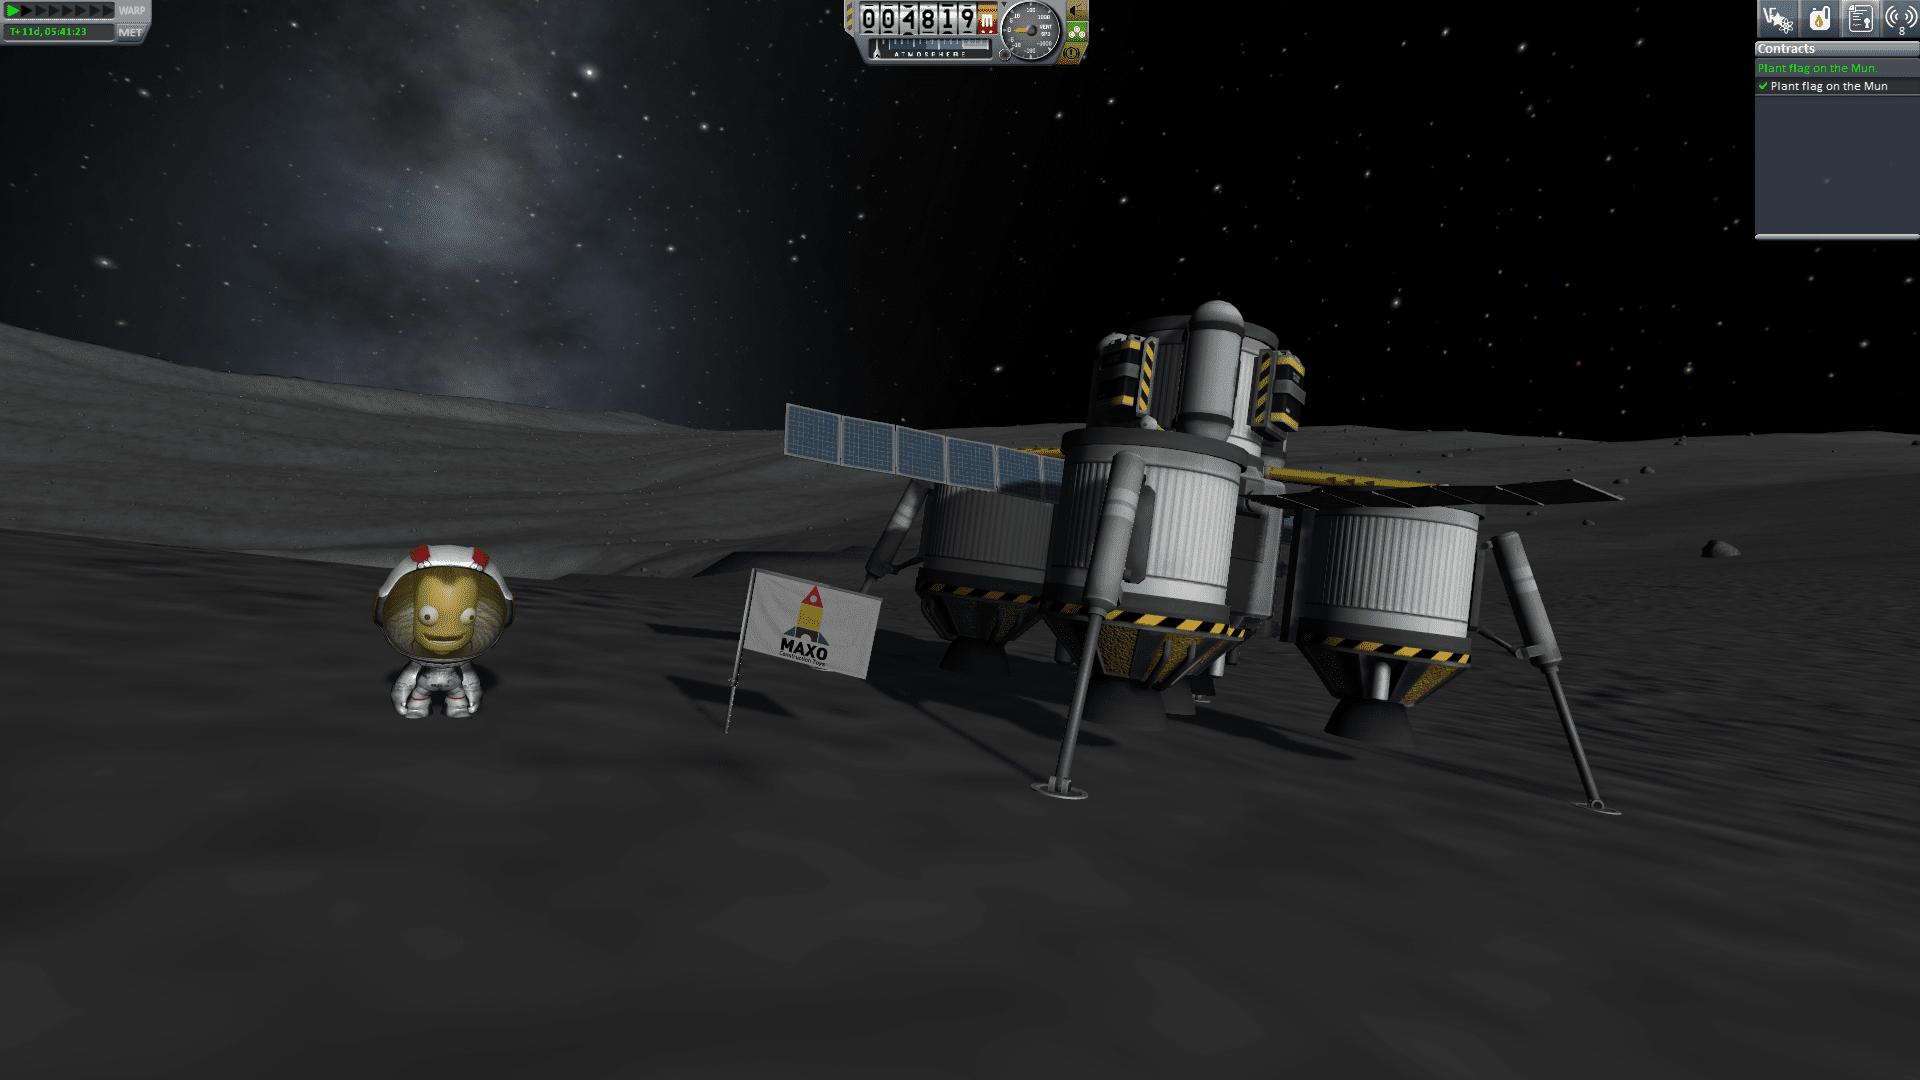 land on the mun kerbal space program